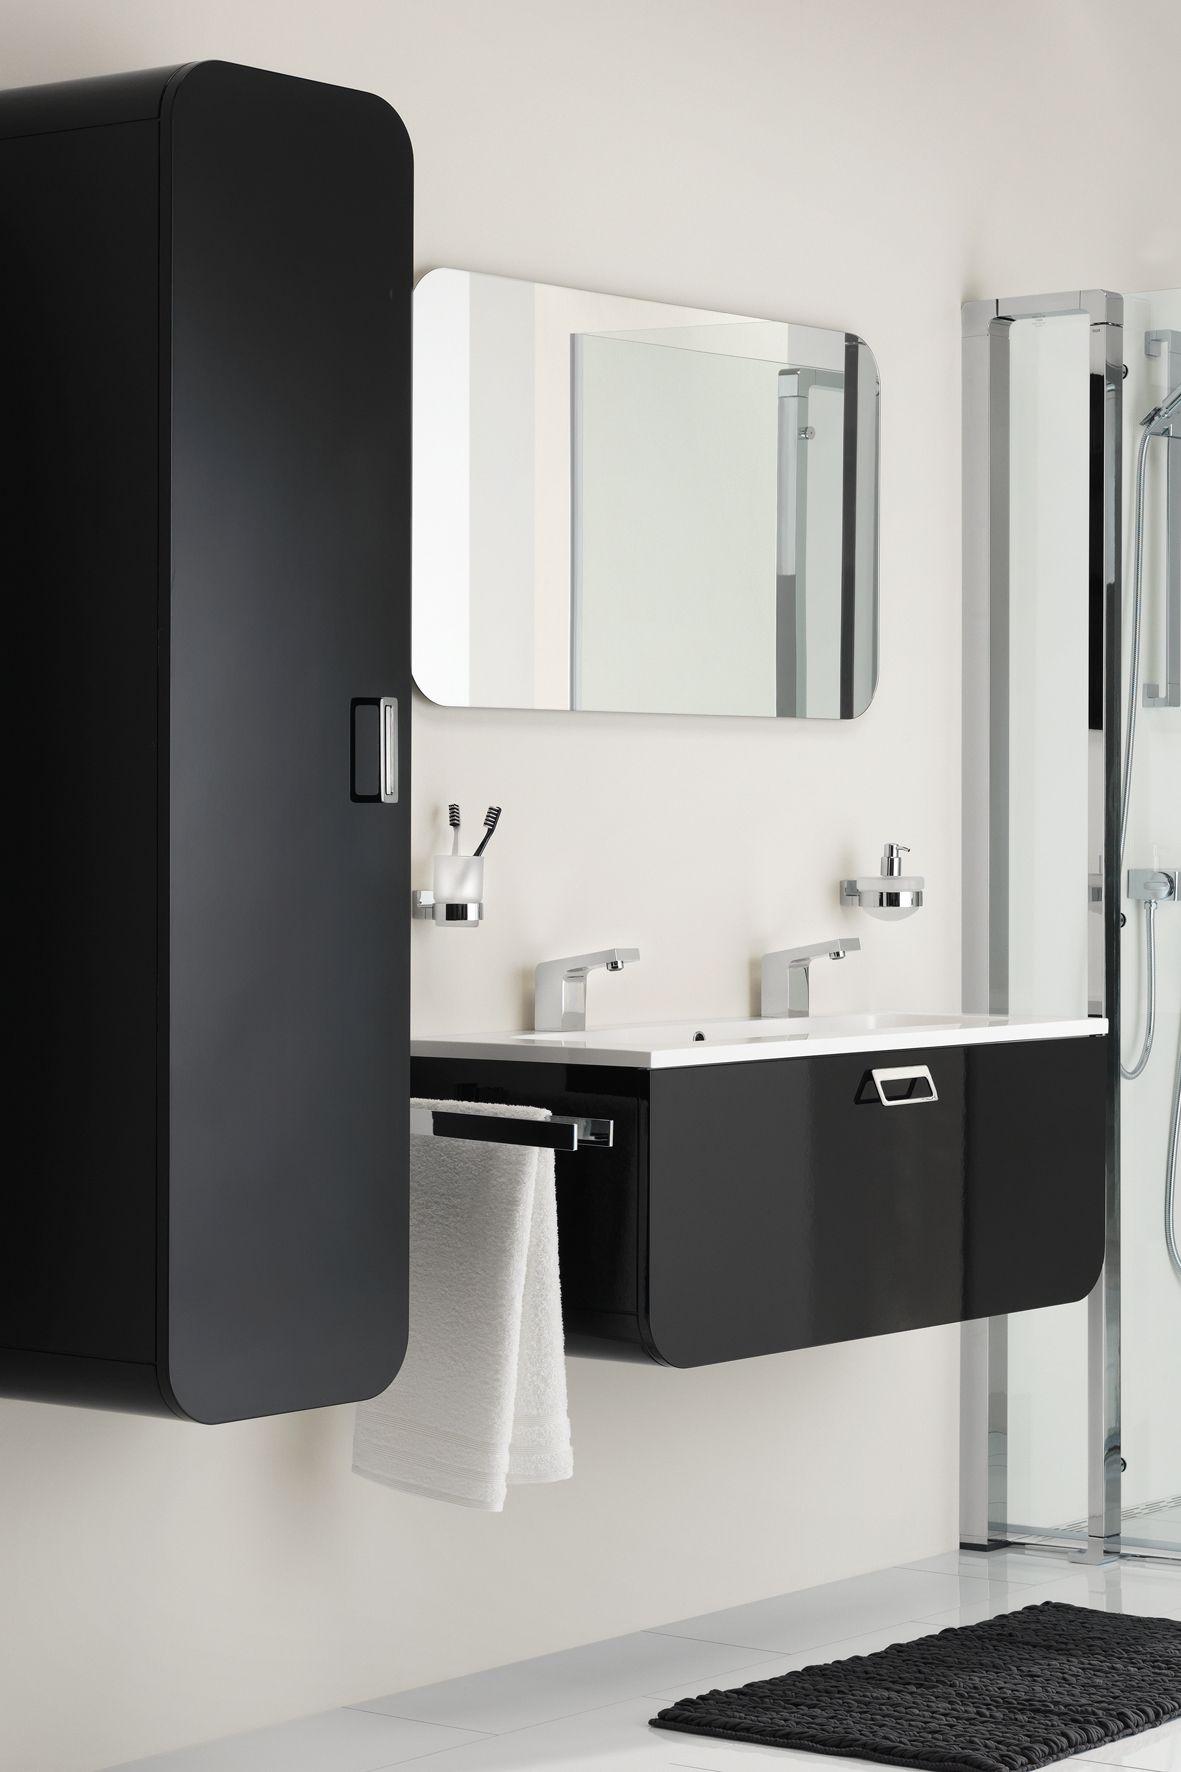 Tiger Ontario badkamermeubel 105cm hoogglans zwart met spiegel